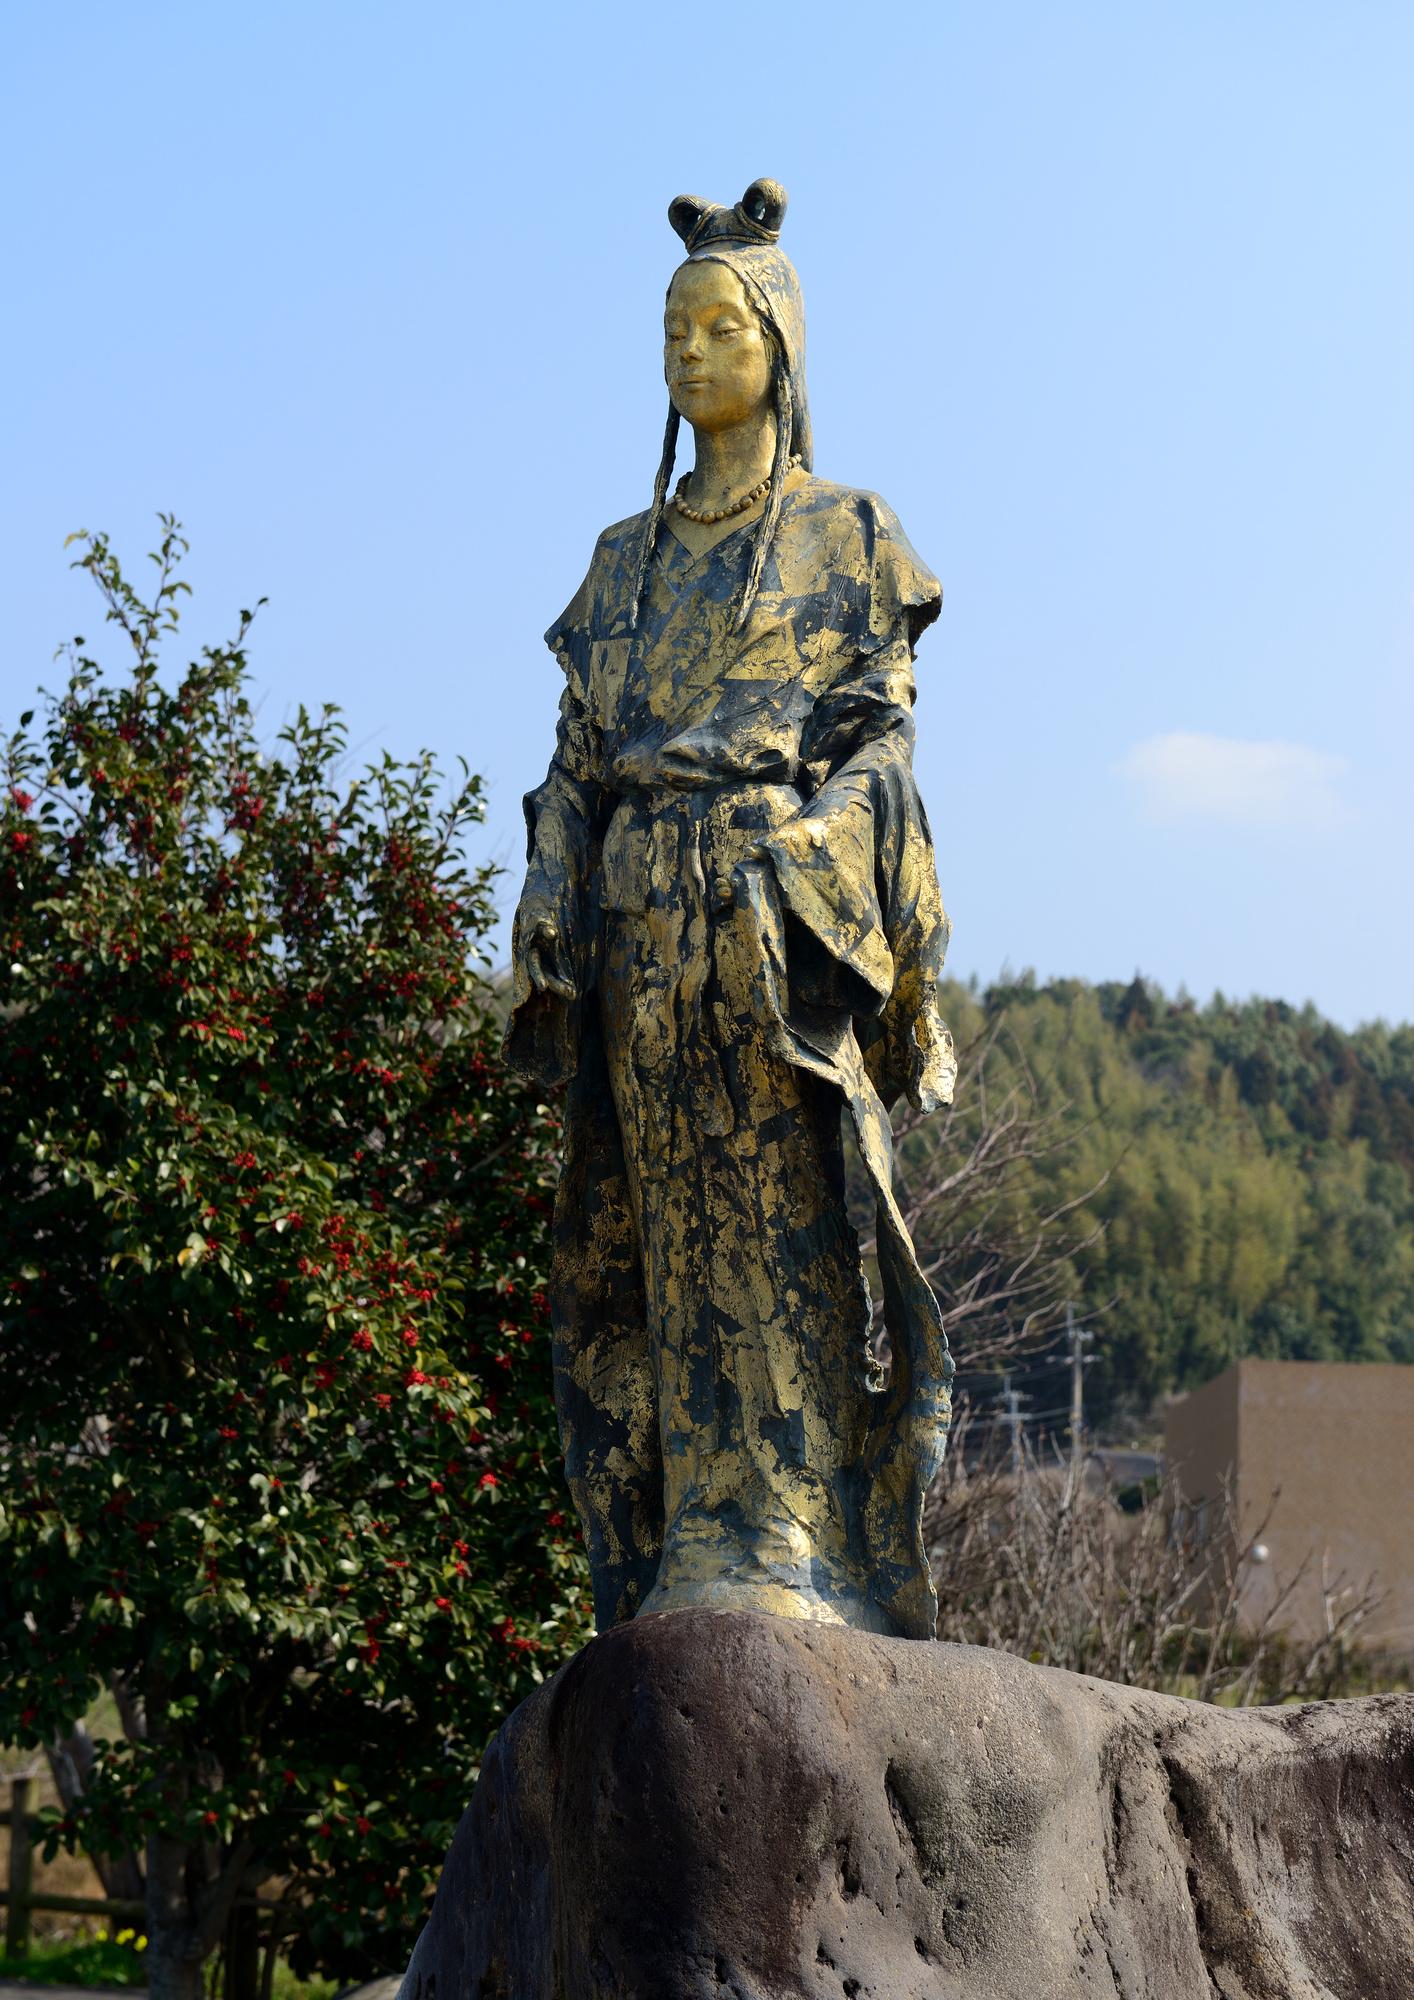 Statue of Konohana-no-sakuyabime, in Minamisatsuma City, Kagoshima Prefecture